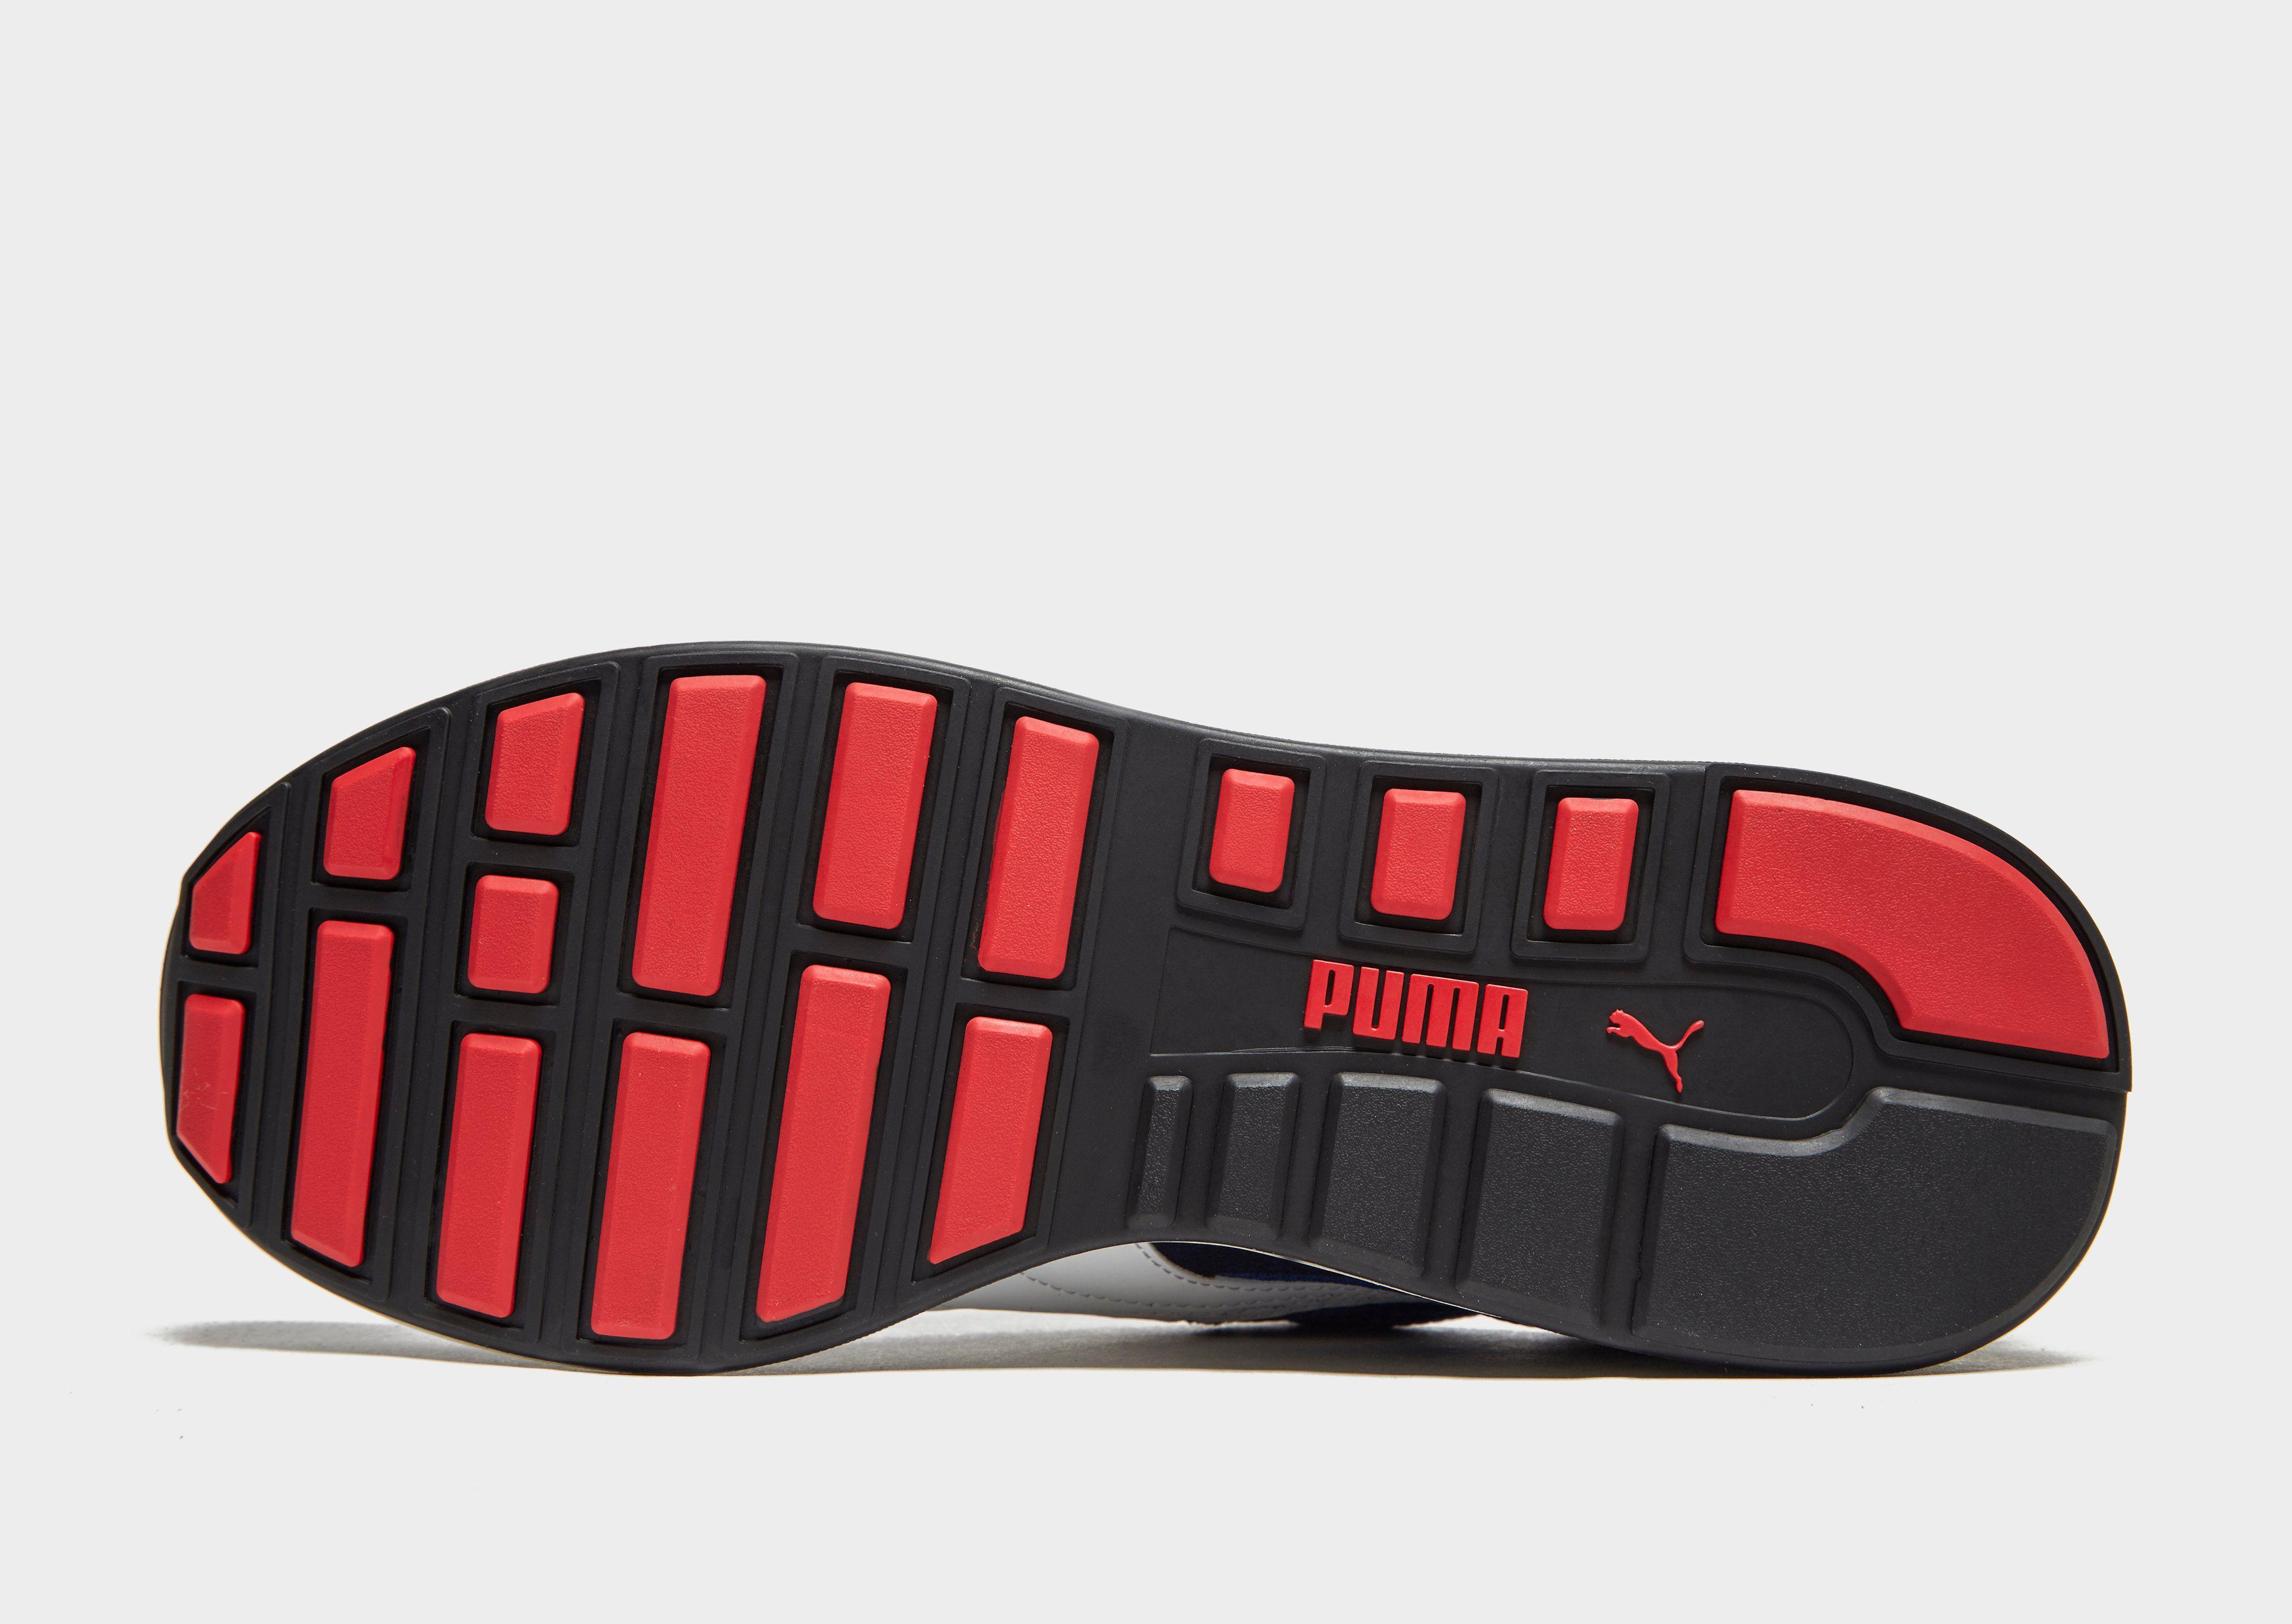 PUMA RS-1 OG Herr